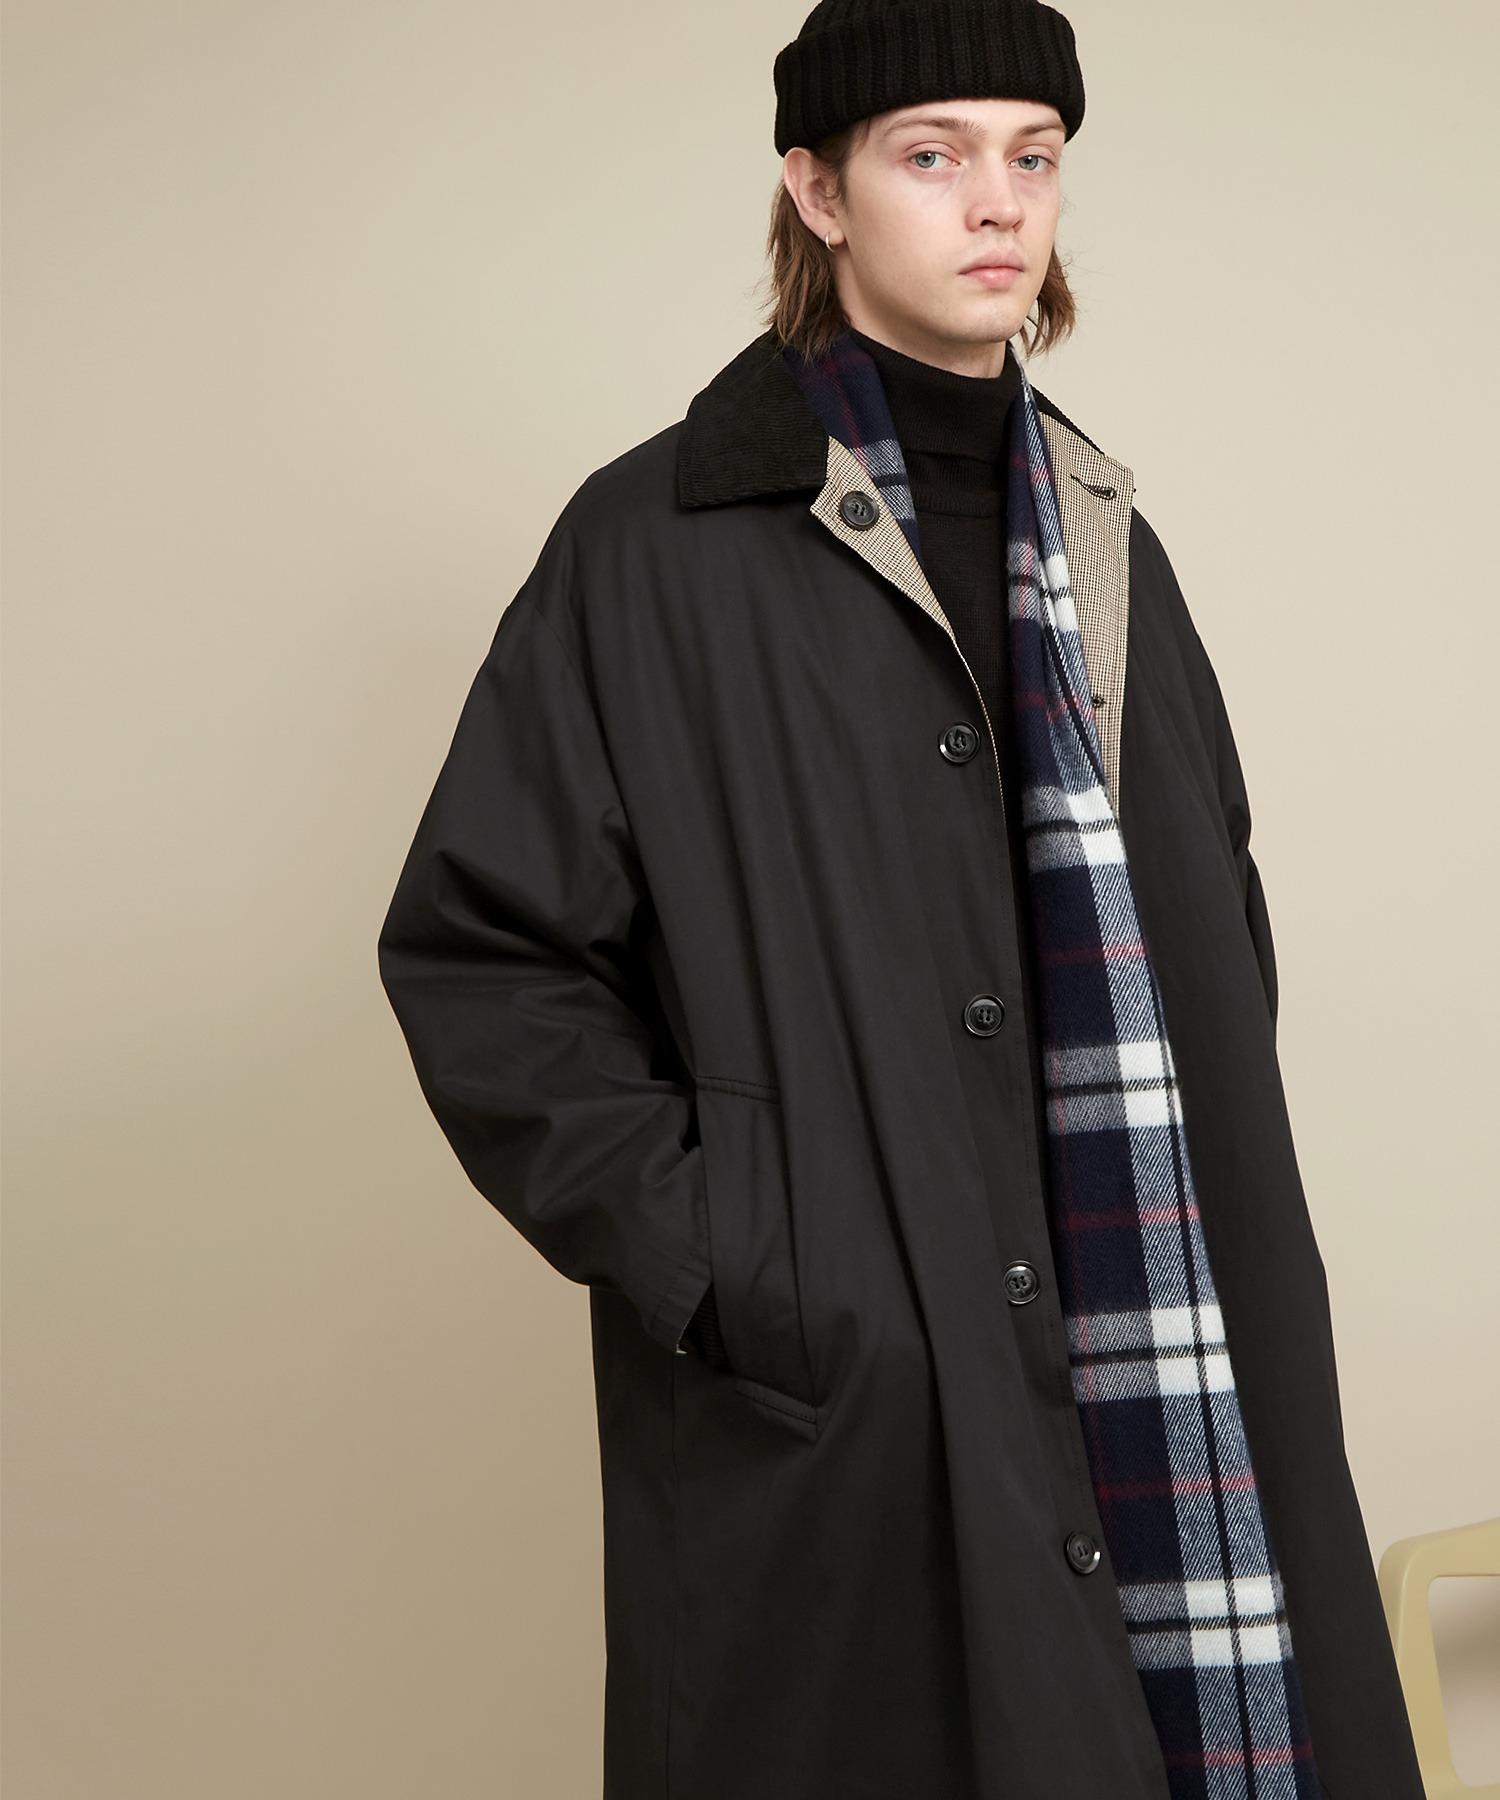 オーバーサイズ クレリックコーデュロイ リバーシブルロングバルカラーコート(ピーチスキン/千鳥格子) EMMA CLOTHES 2020AW